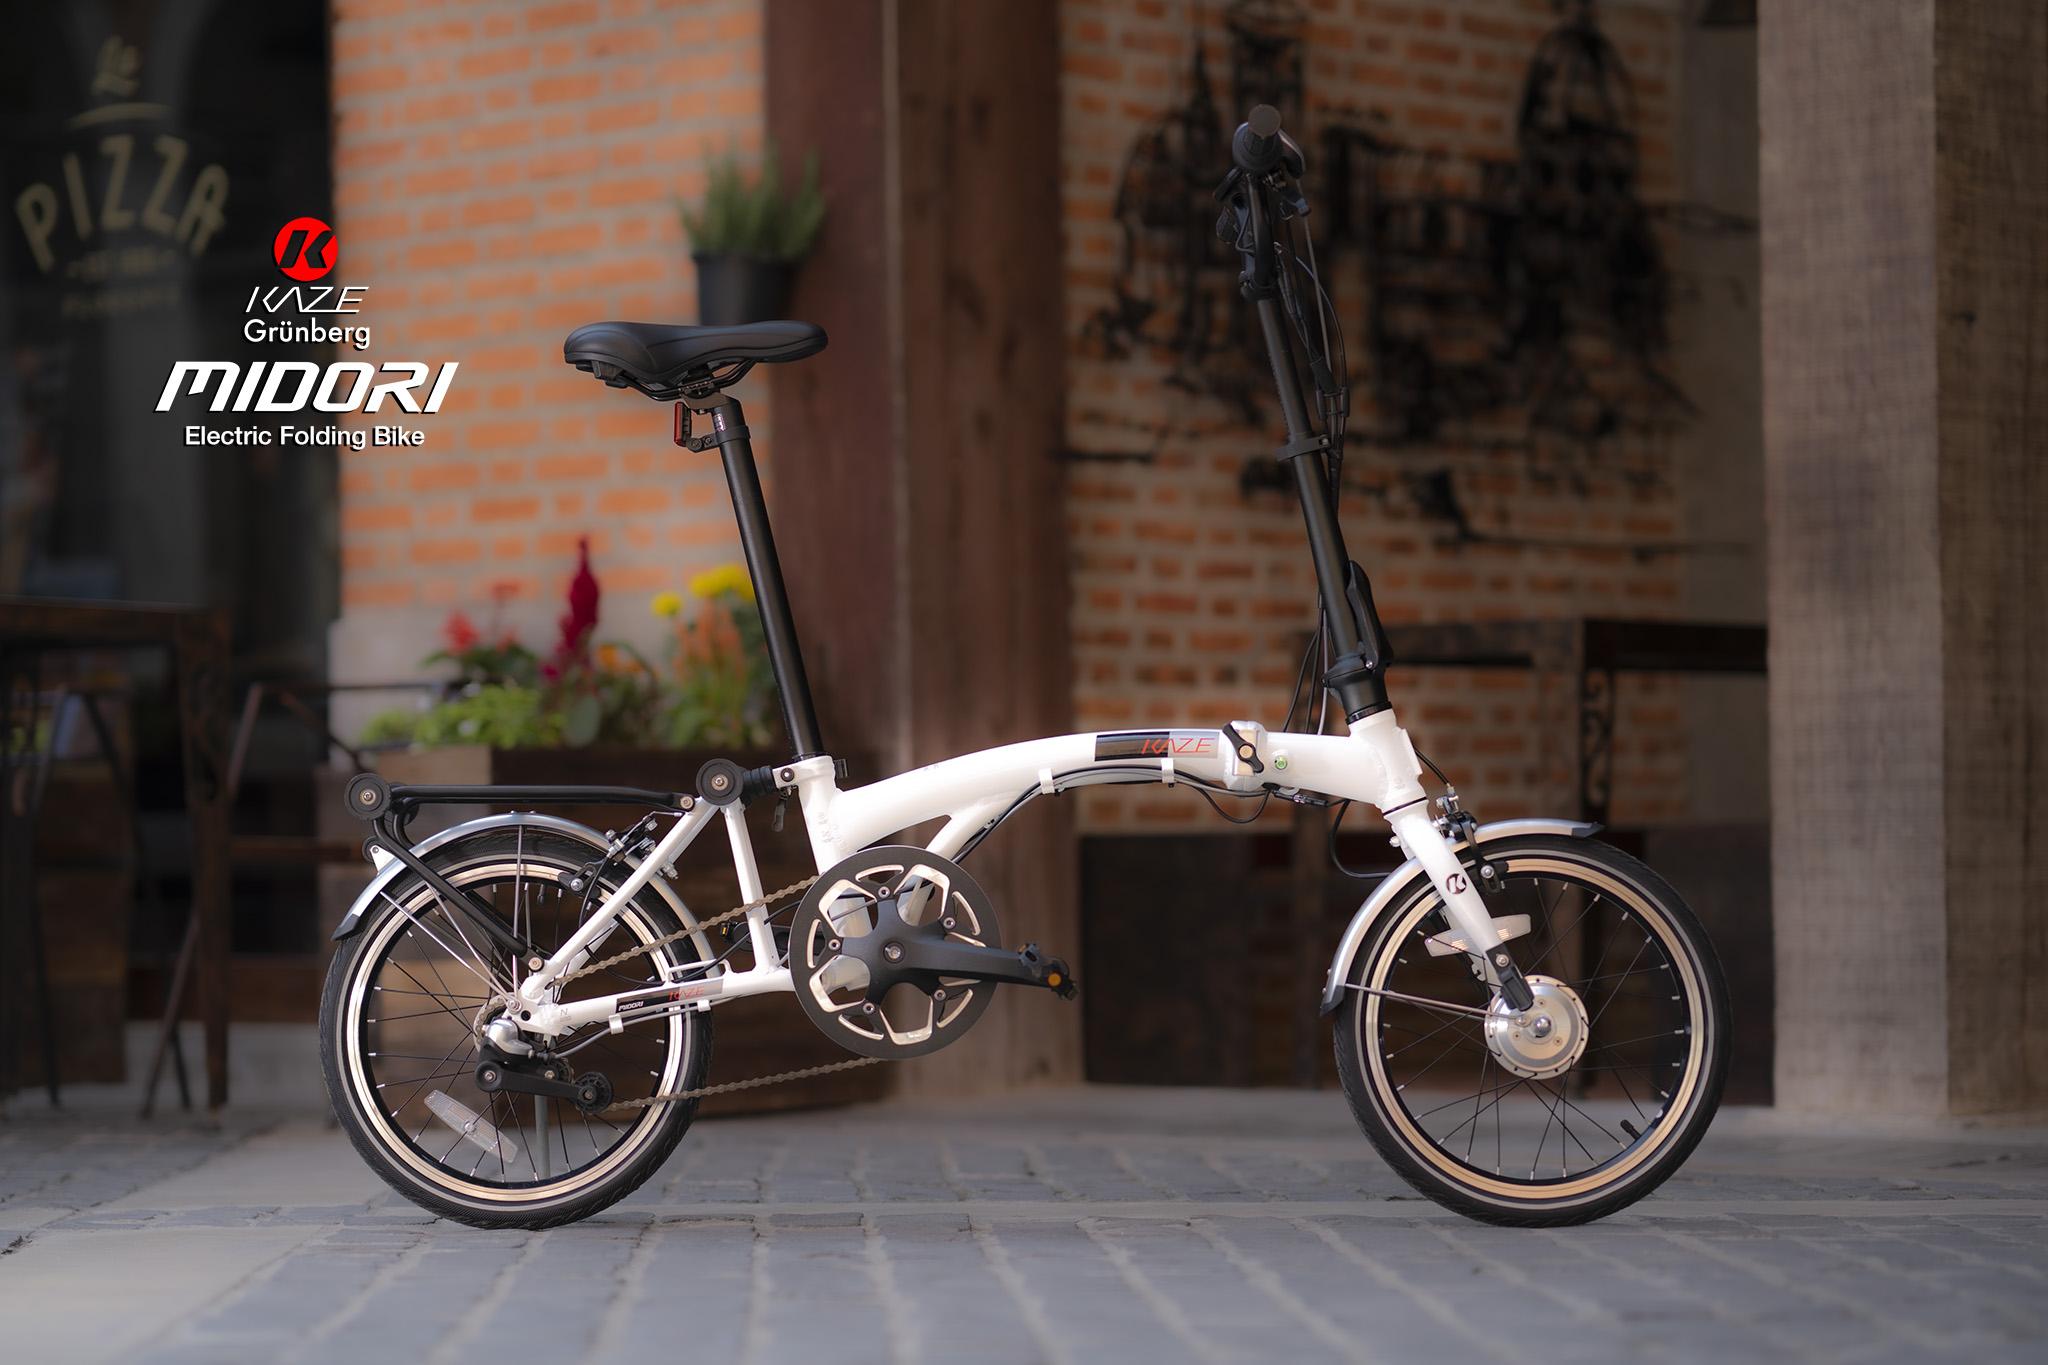 KAZE-Grünberg รถพับไฟฟ้า (E-Folding Bike) รุ่น Midori